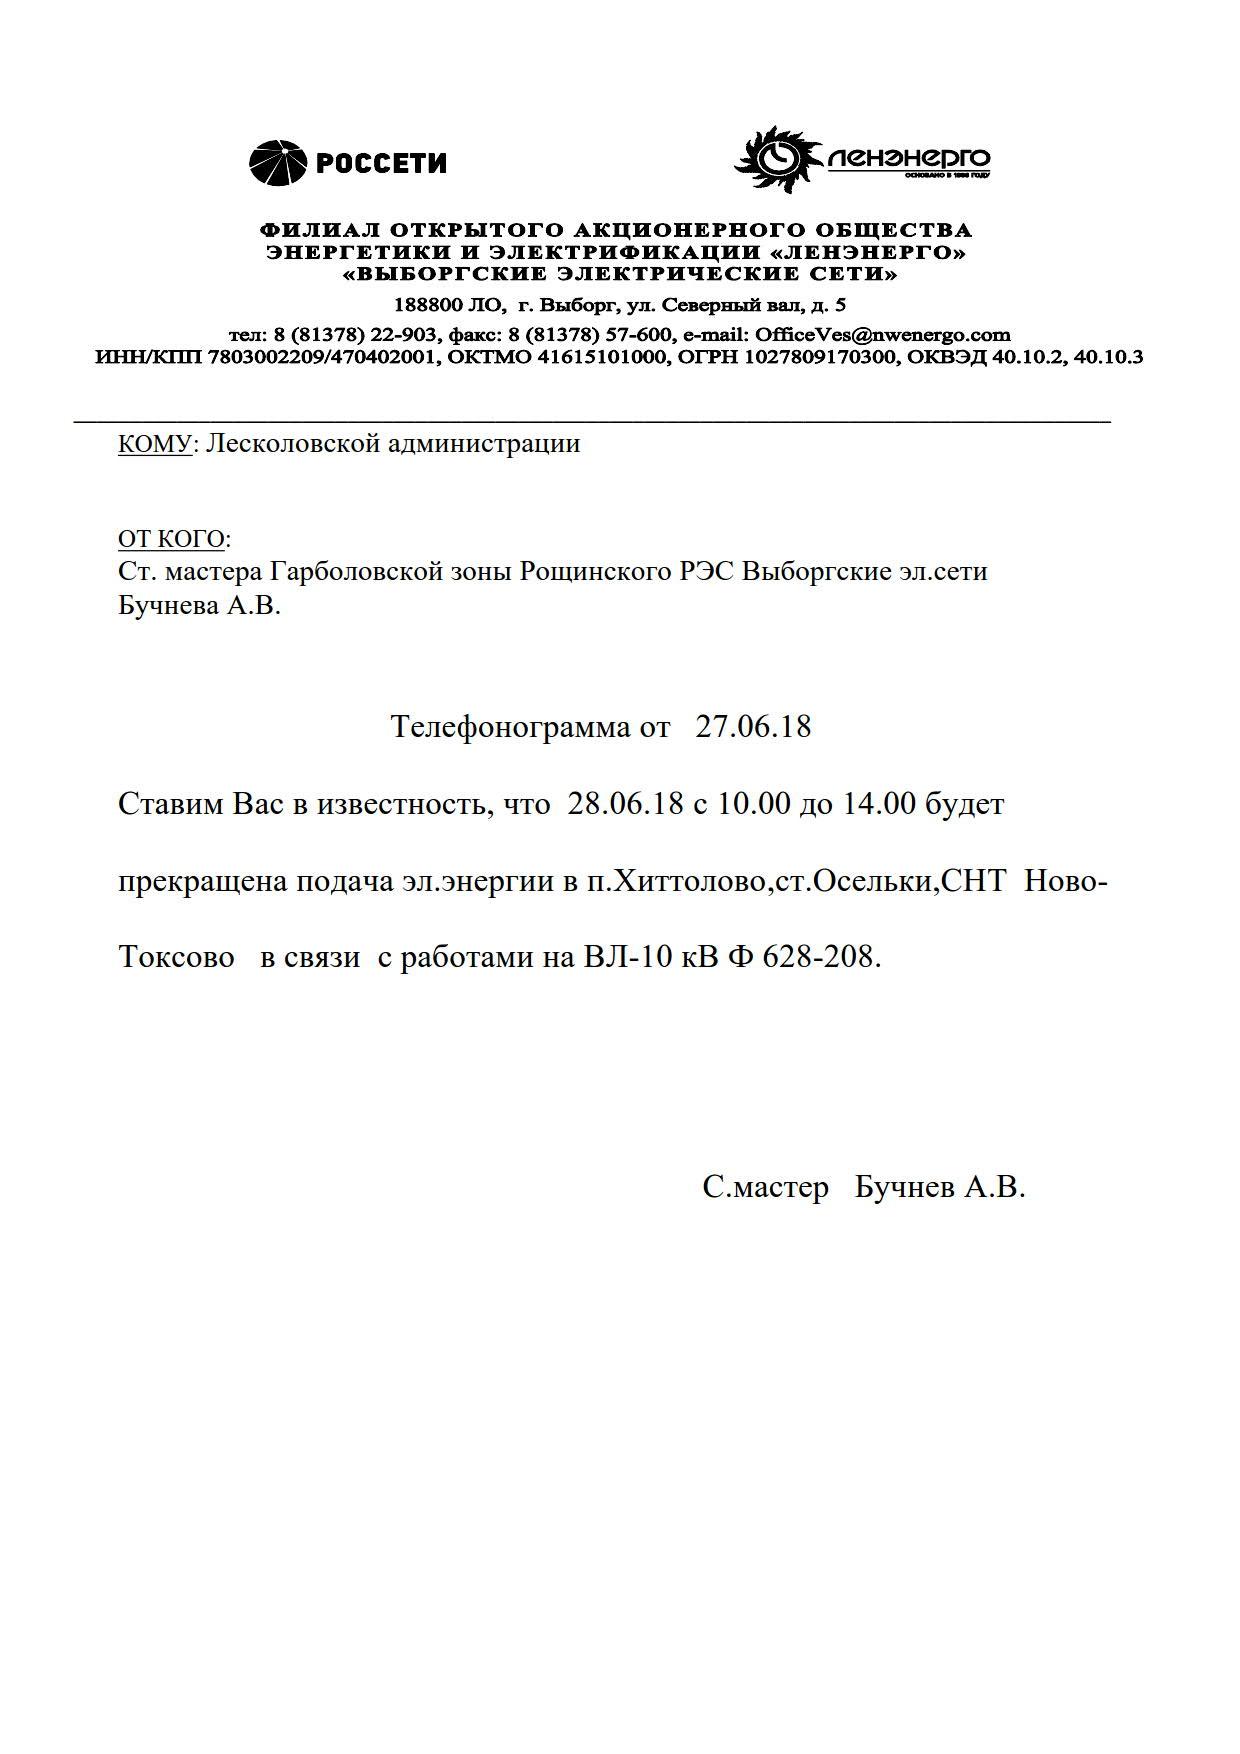 отключения на 28.06.18_1